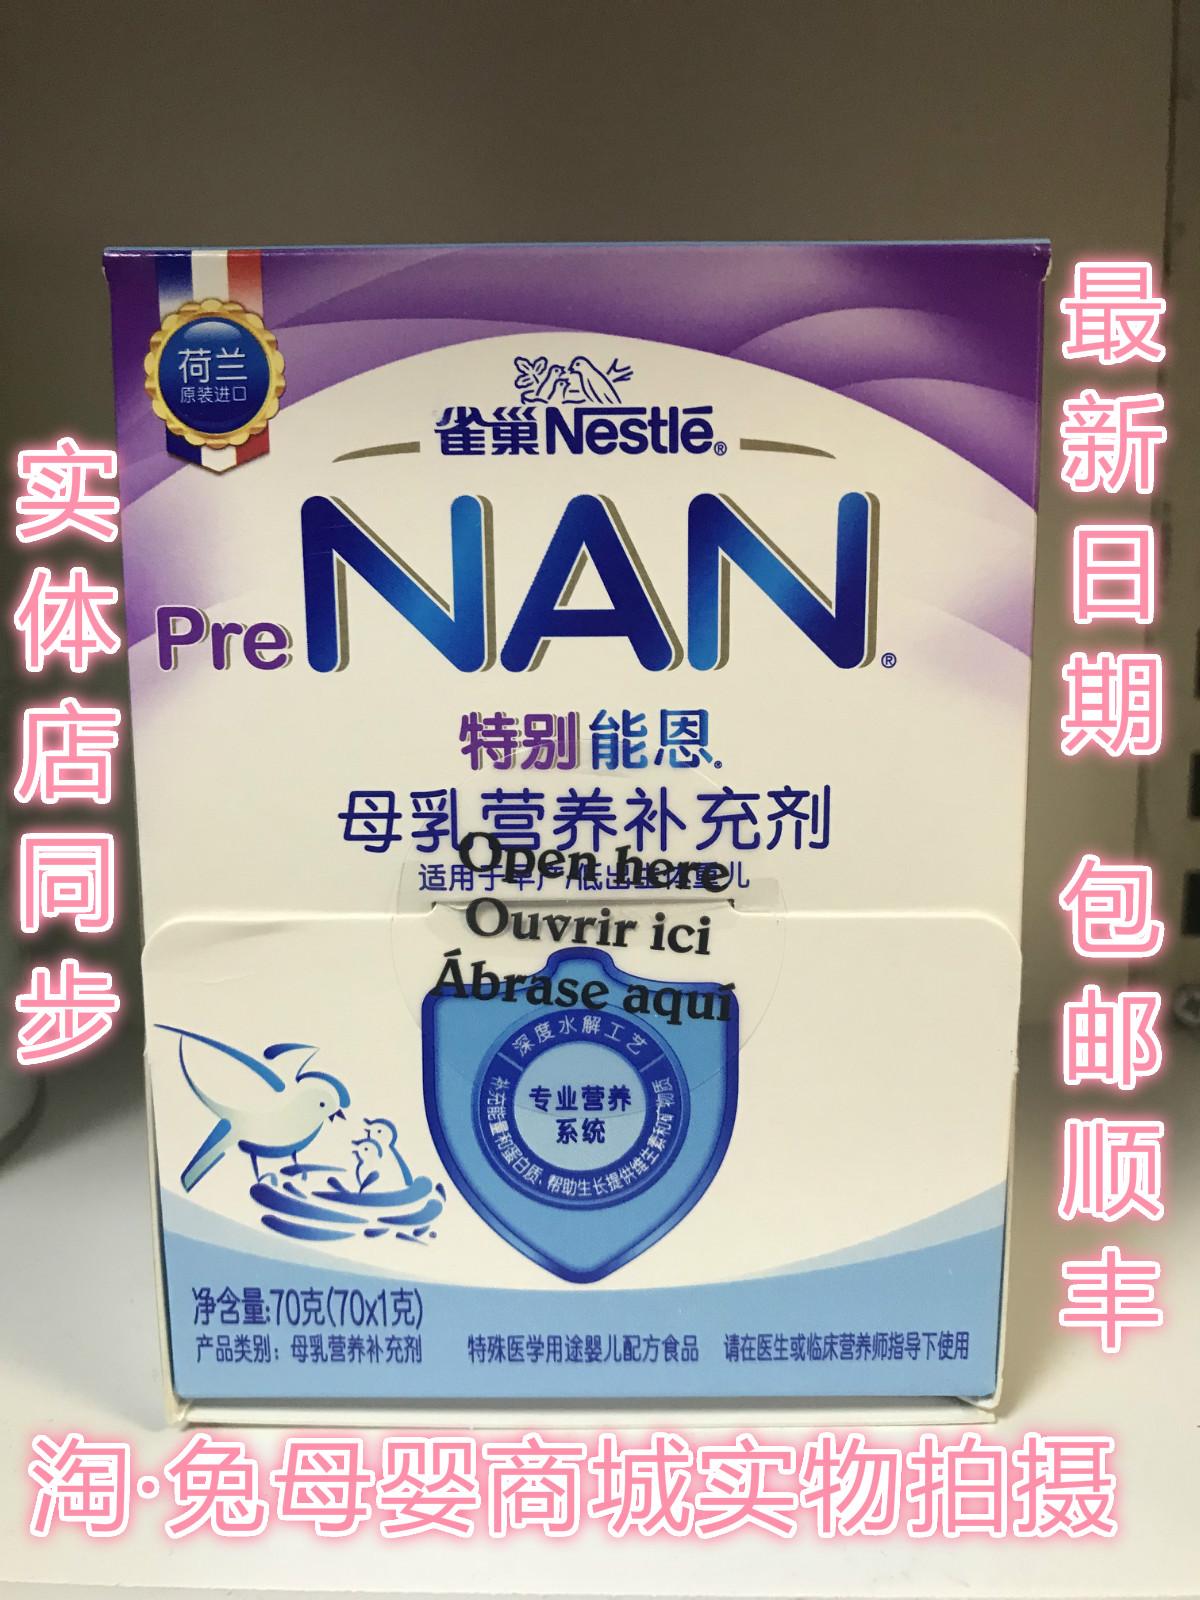 17 сентября укрепитель грудного молока Nestlé особенно хорош для недоношенных детей, дополнений для грудного молока, 70 г